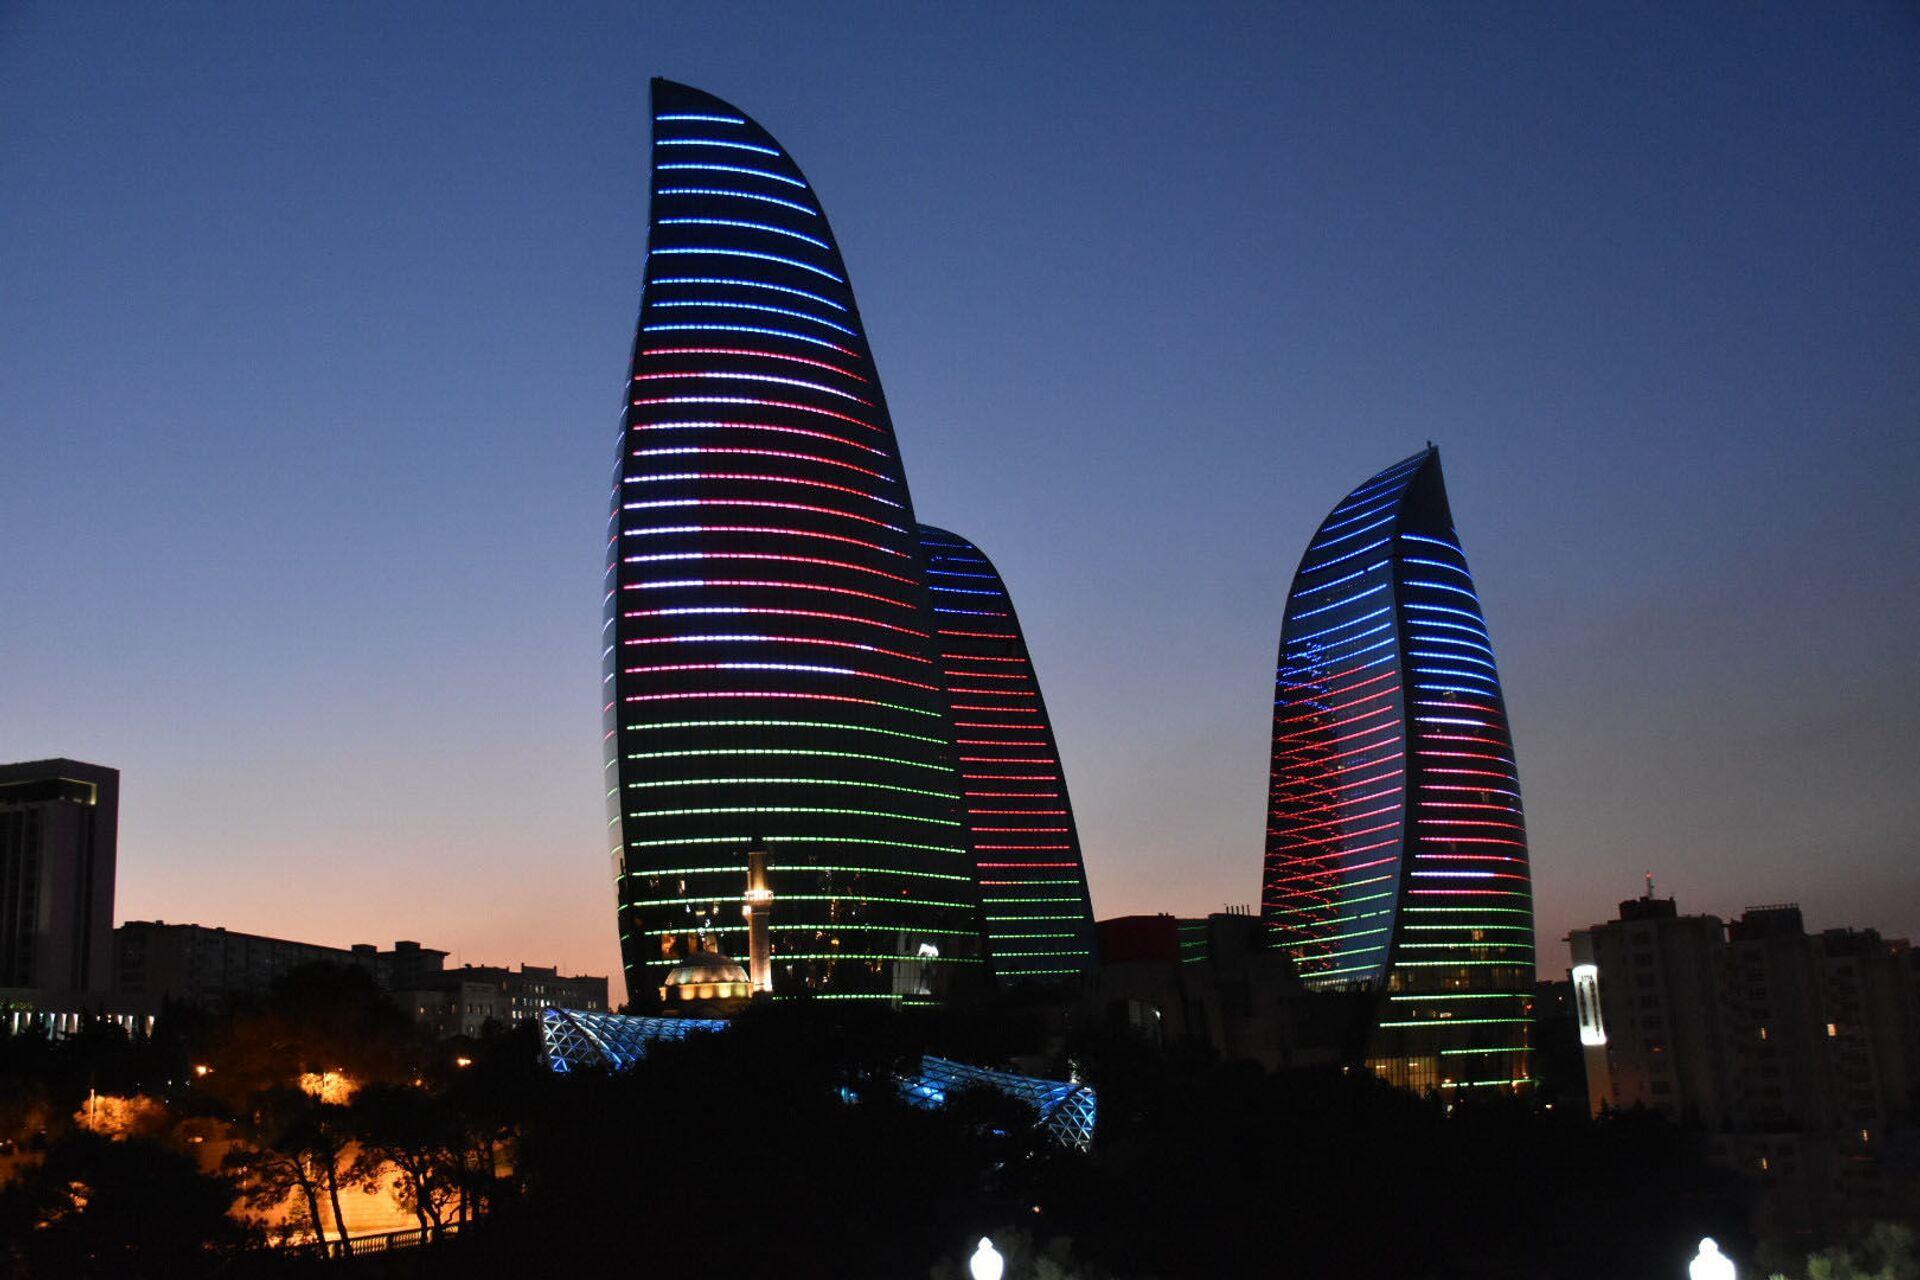 Alov qüllələri üzərində Azərbaycan bayrağının rəngləri proyeksiya olunub - Sputnik Азербайджан, 1920, 01.10.2021